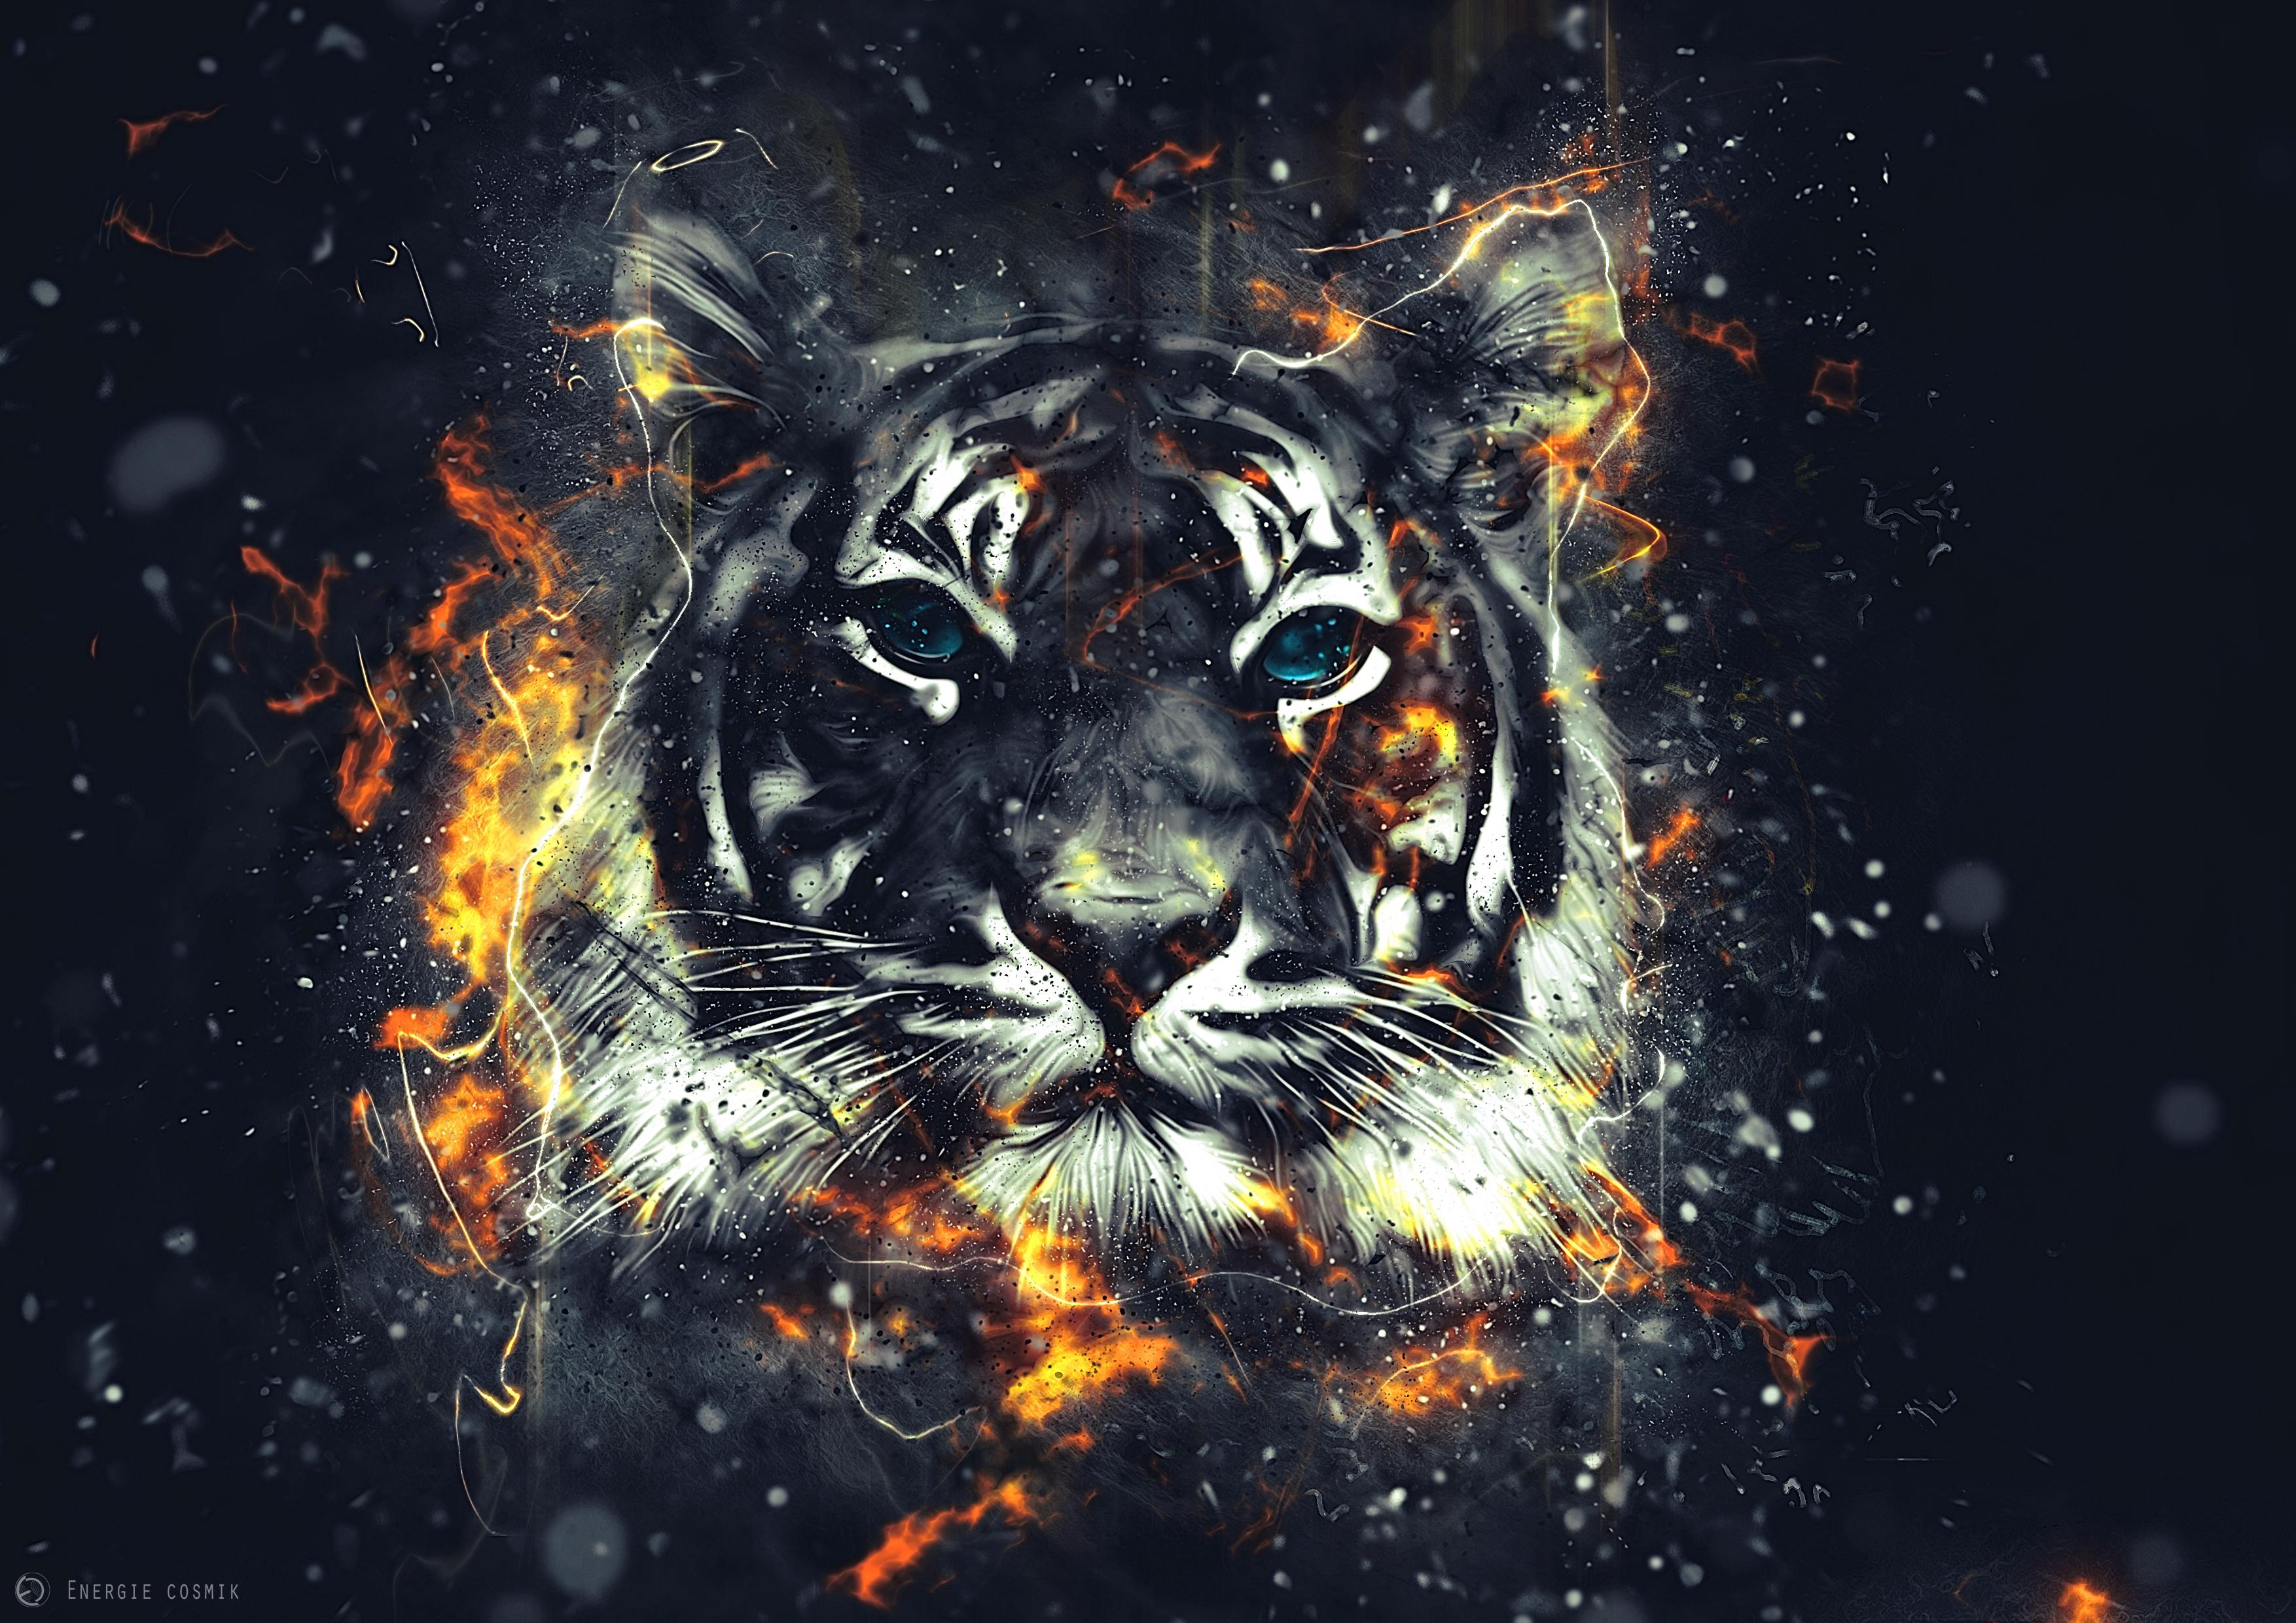 97694 Hintergrundbild herunterladen Blitz, Kunst, Funken, Tiger, Ausbrüche - Bildschirmschoner und Bilder kostenlos